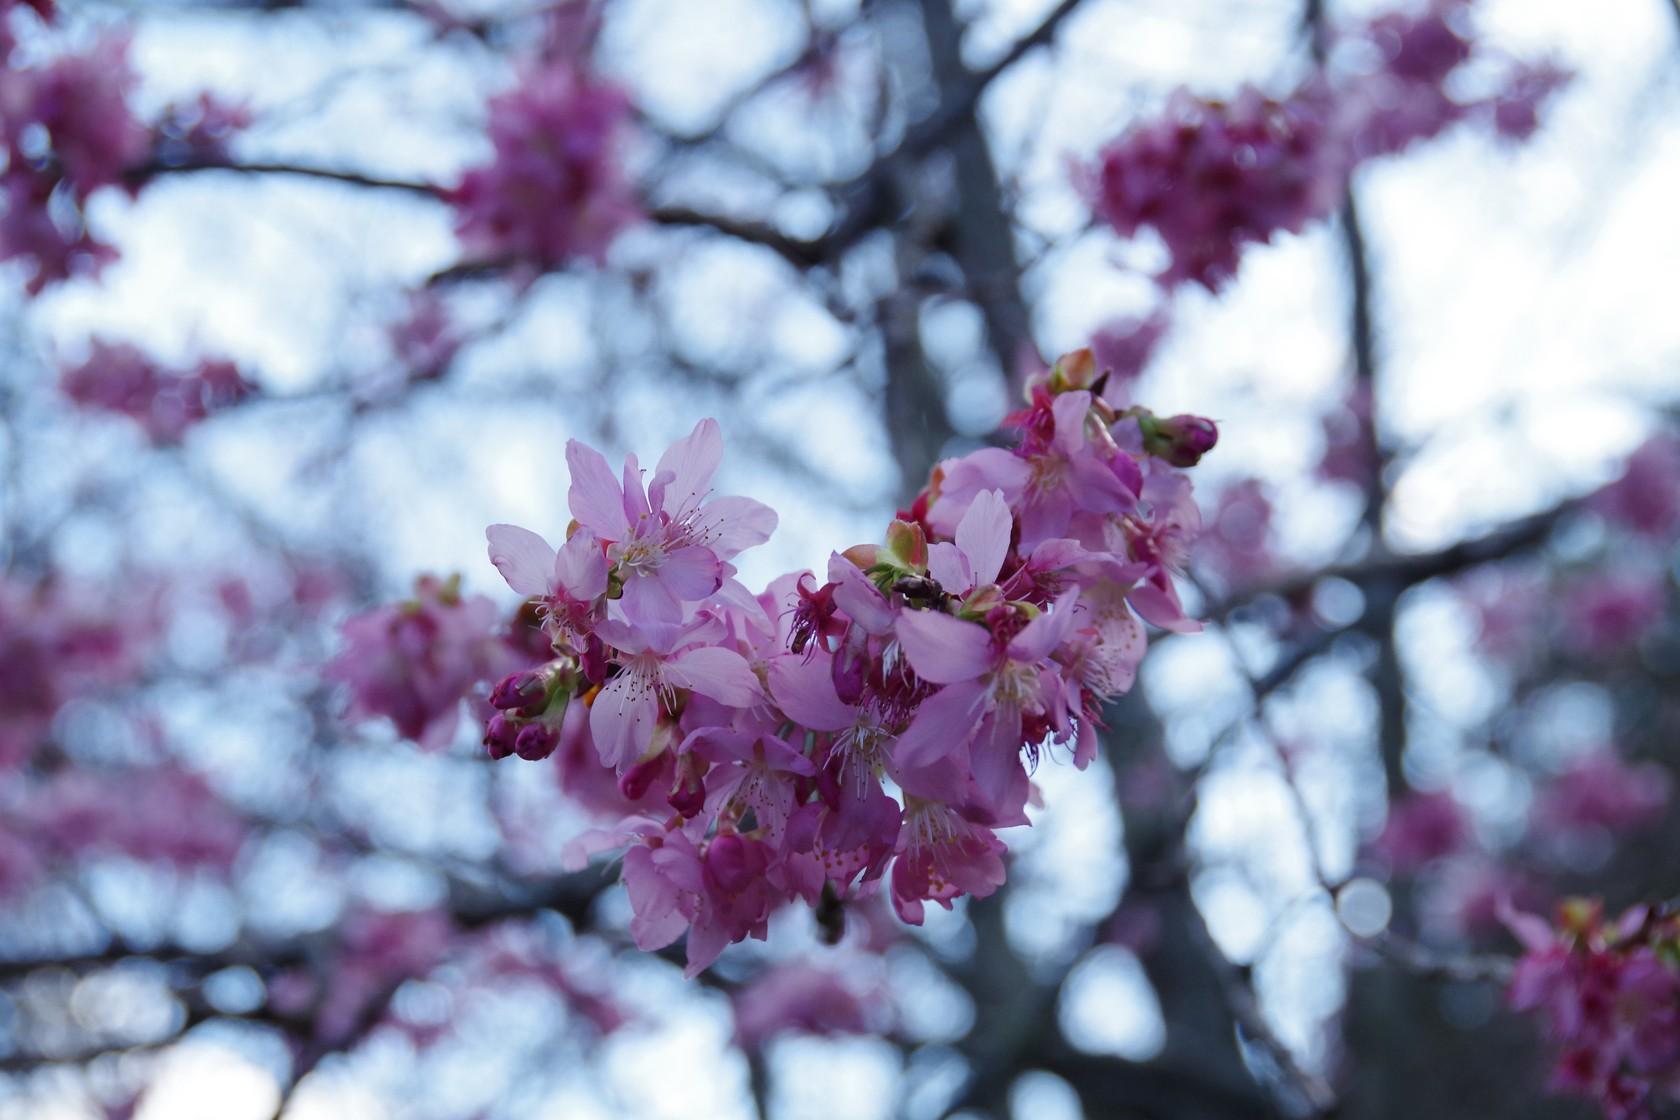 雪霸警察隊武陵管理站附近的櫻花 - 下午